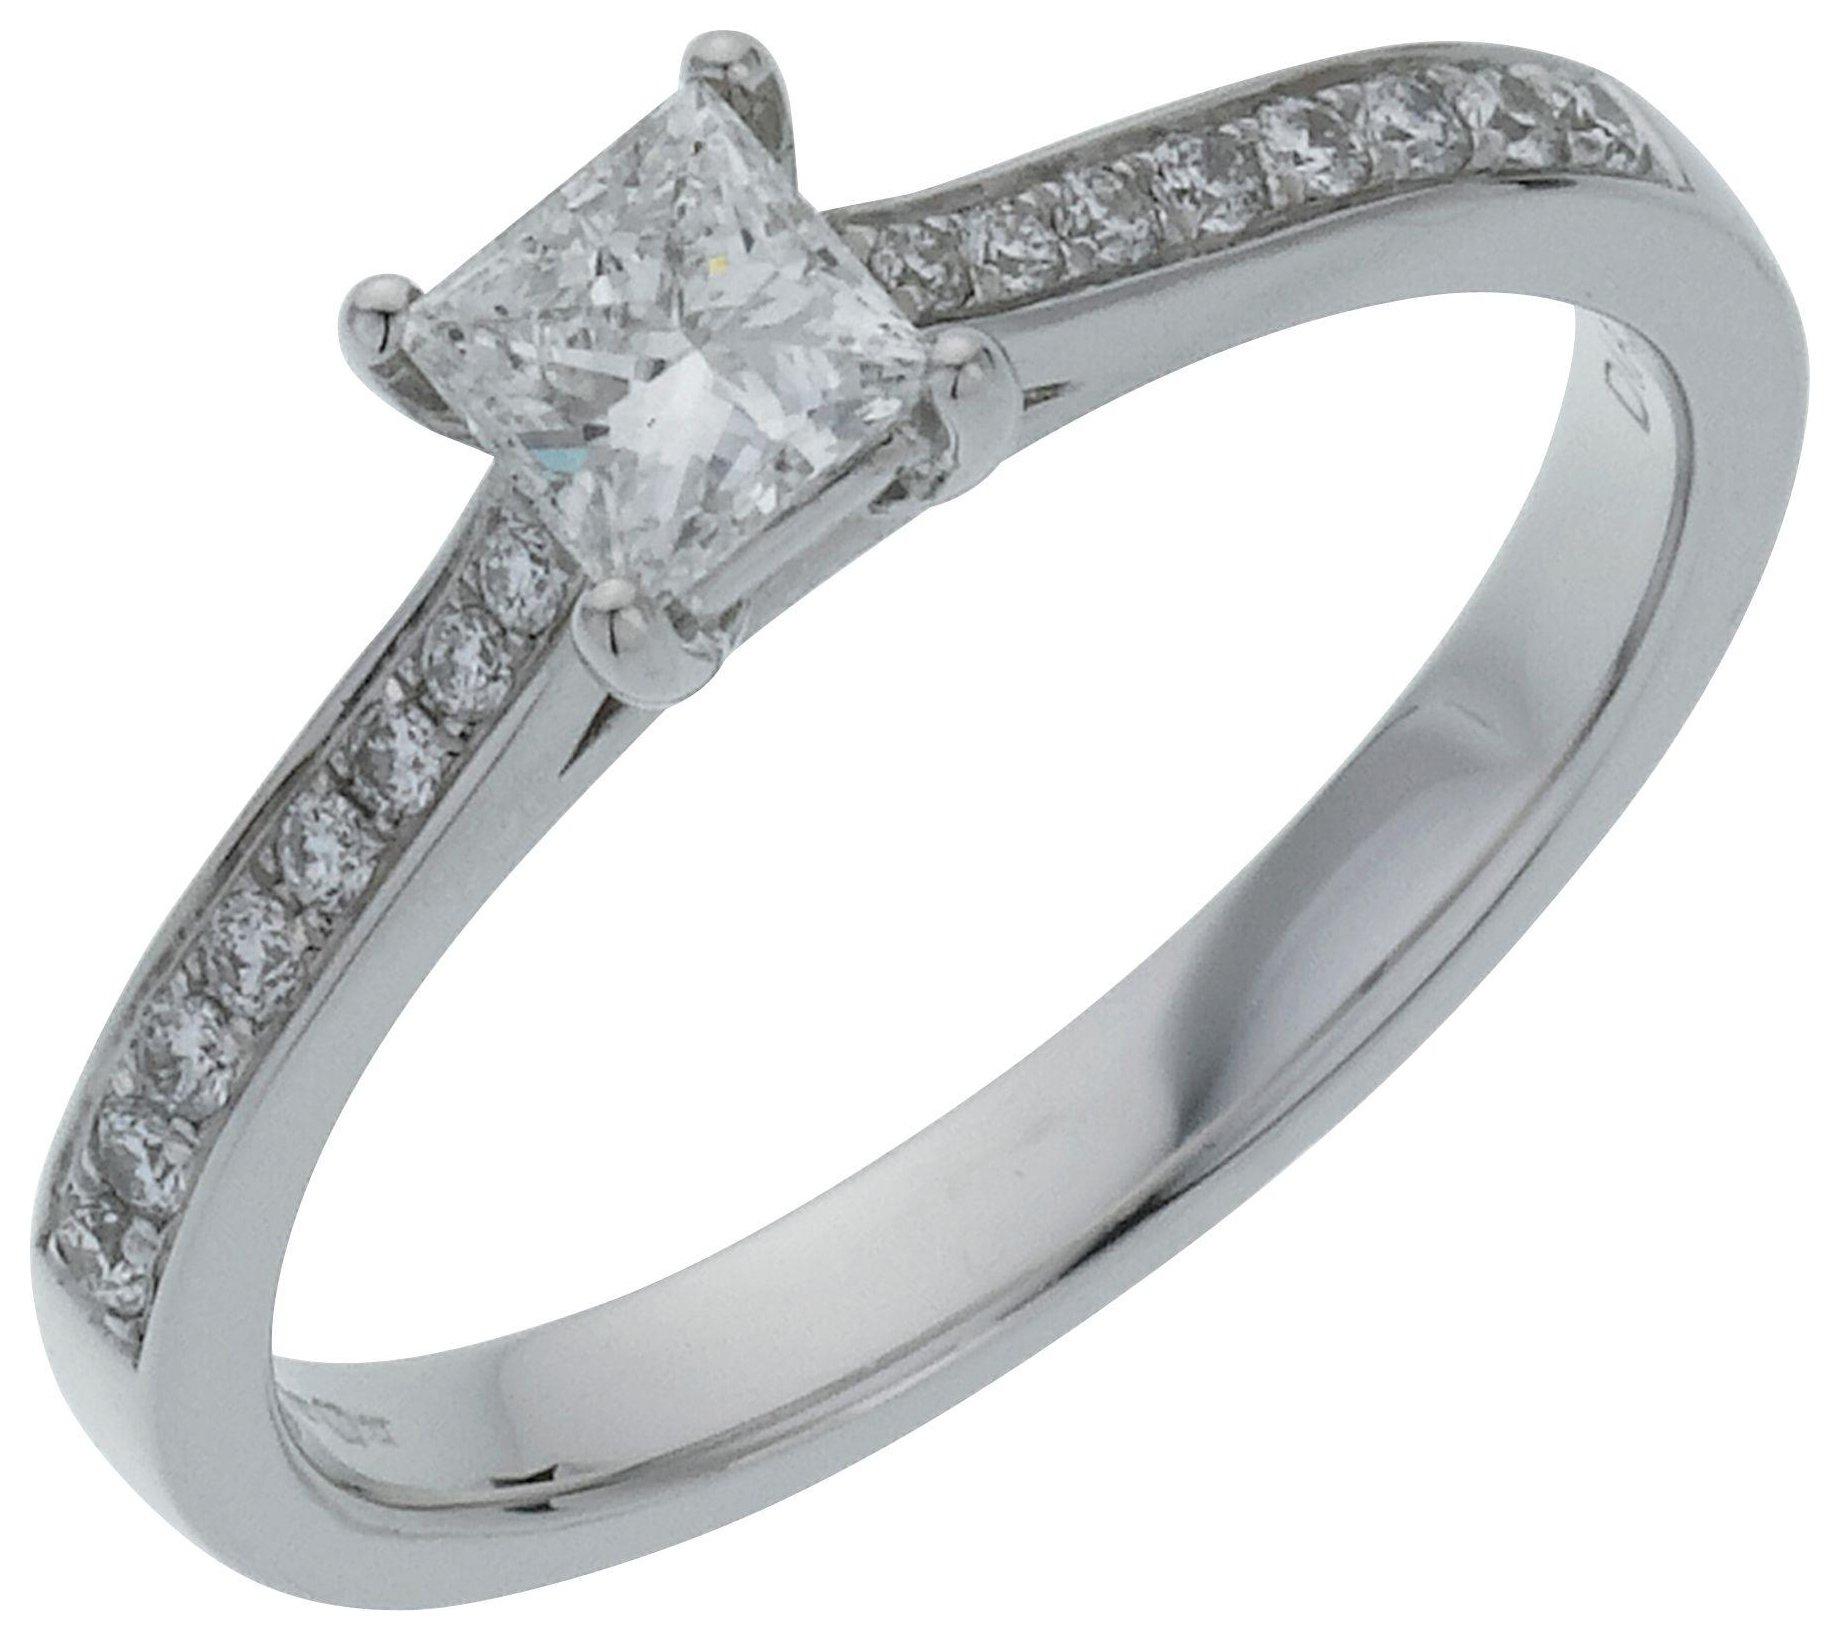 18 Carat White Gold 05 Carat Diamond - Princess Cut Shoulder Ring- R